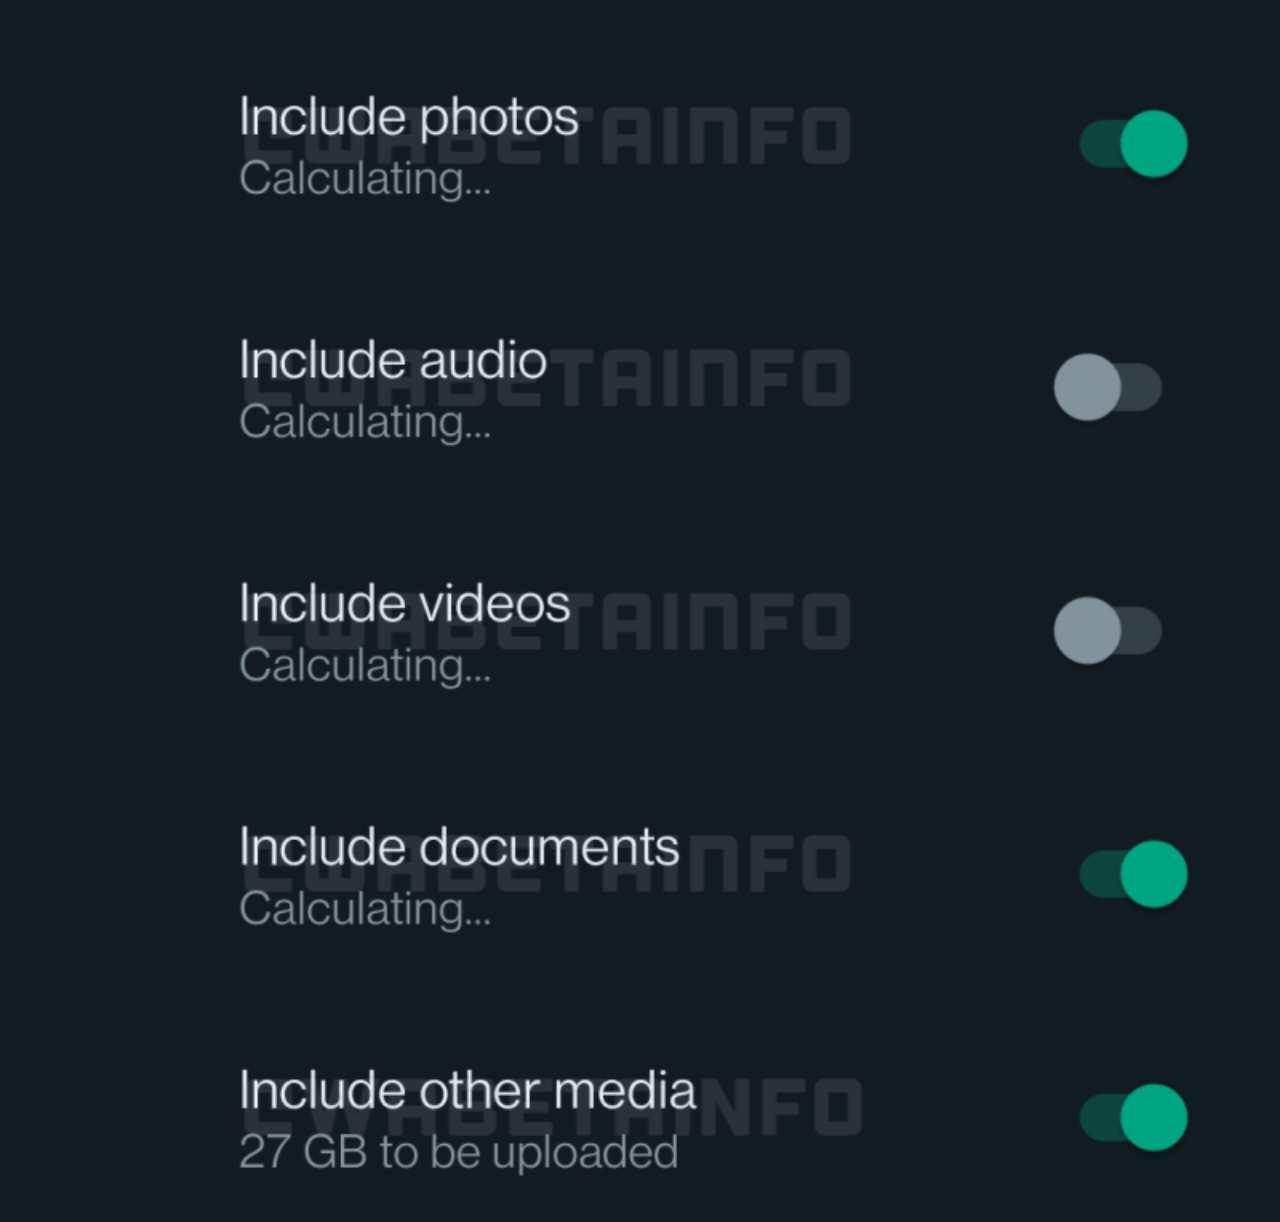 whatsapp función respaldos